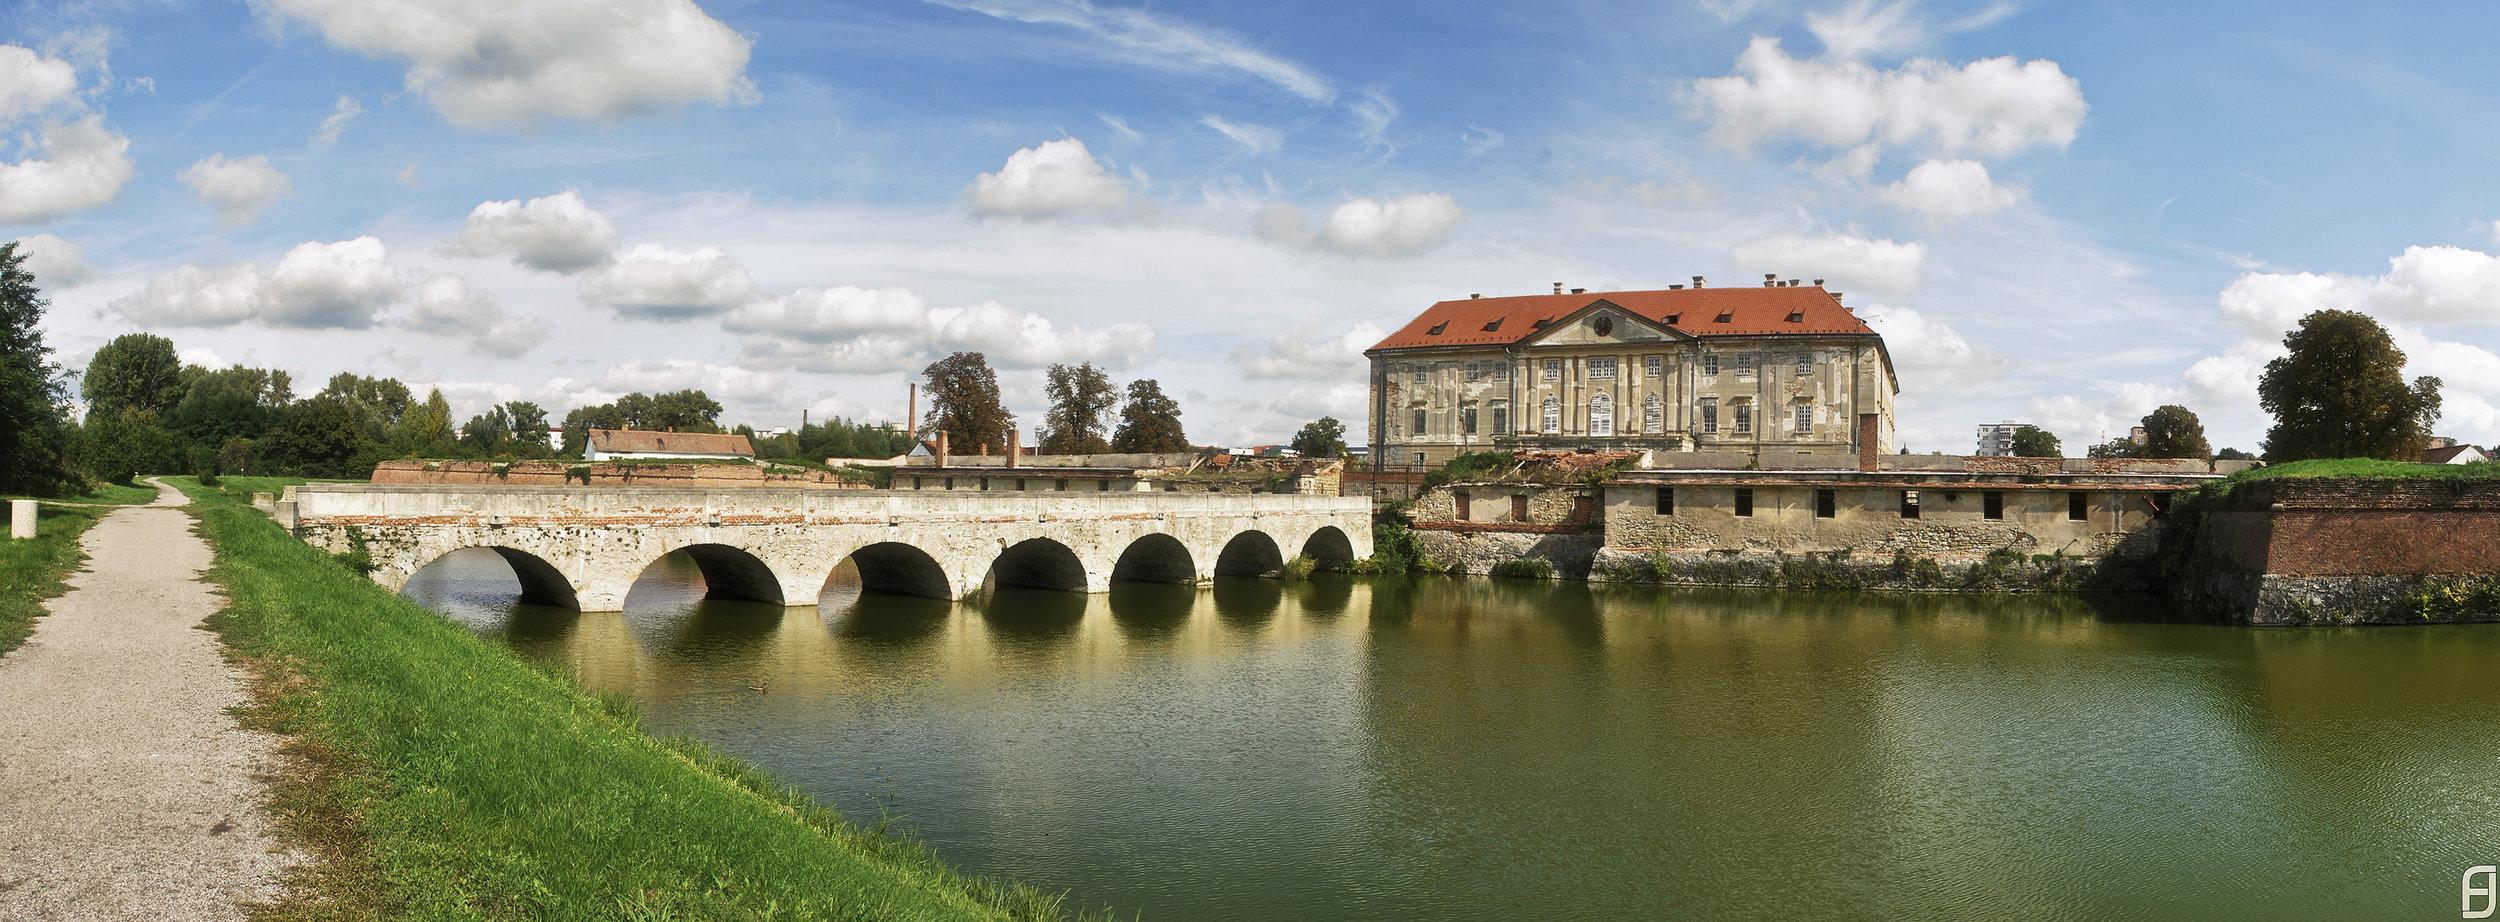 Vodná priekopa a zabudnutá krása zámku Holíč nás uchvátili. Skutočne nám dáva kopec nových možností.( zdroj foto )